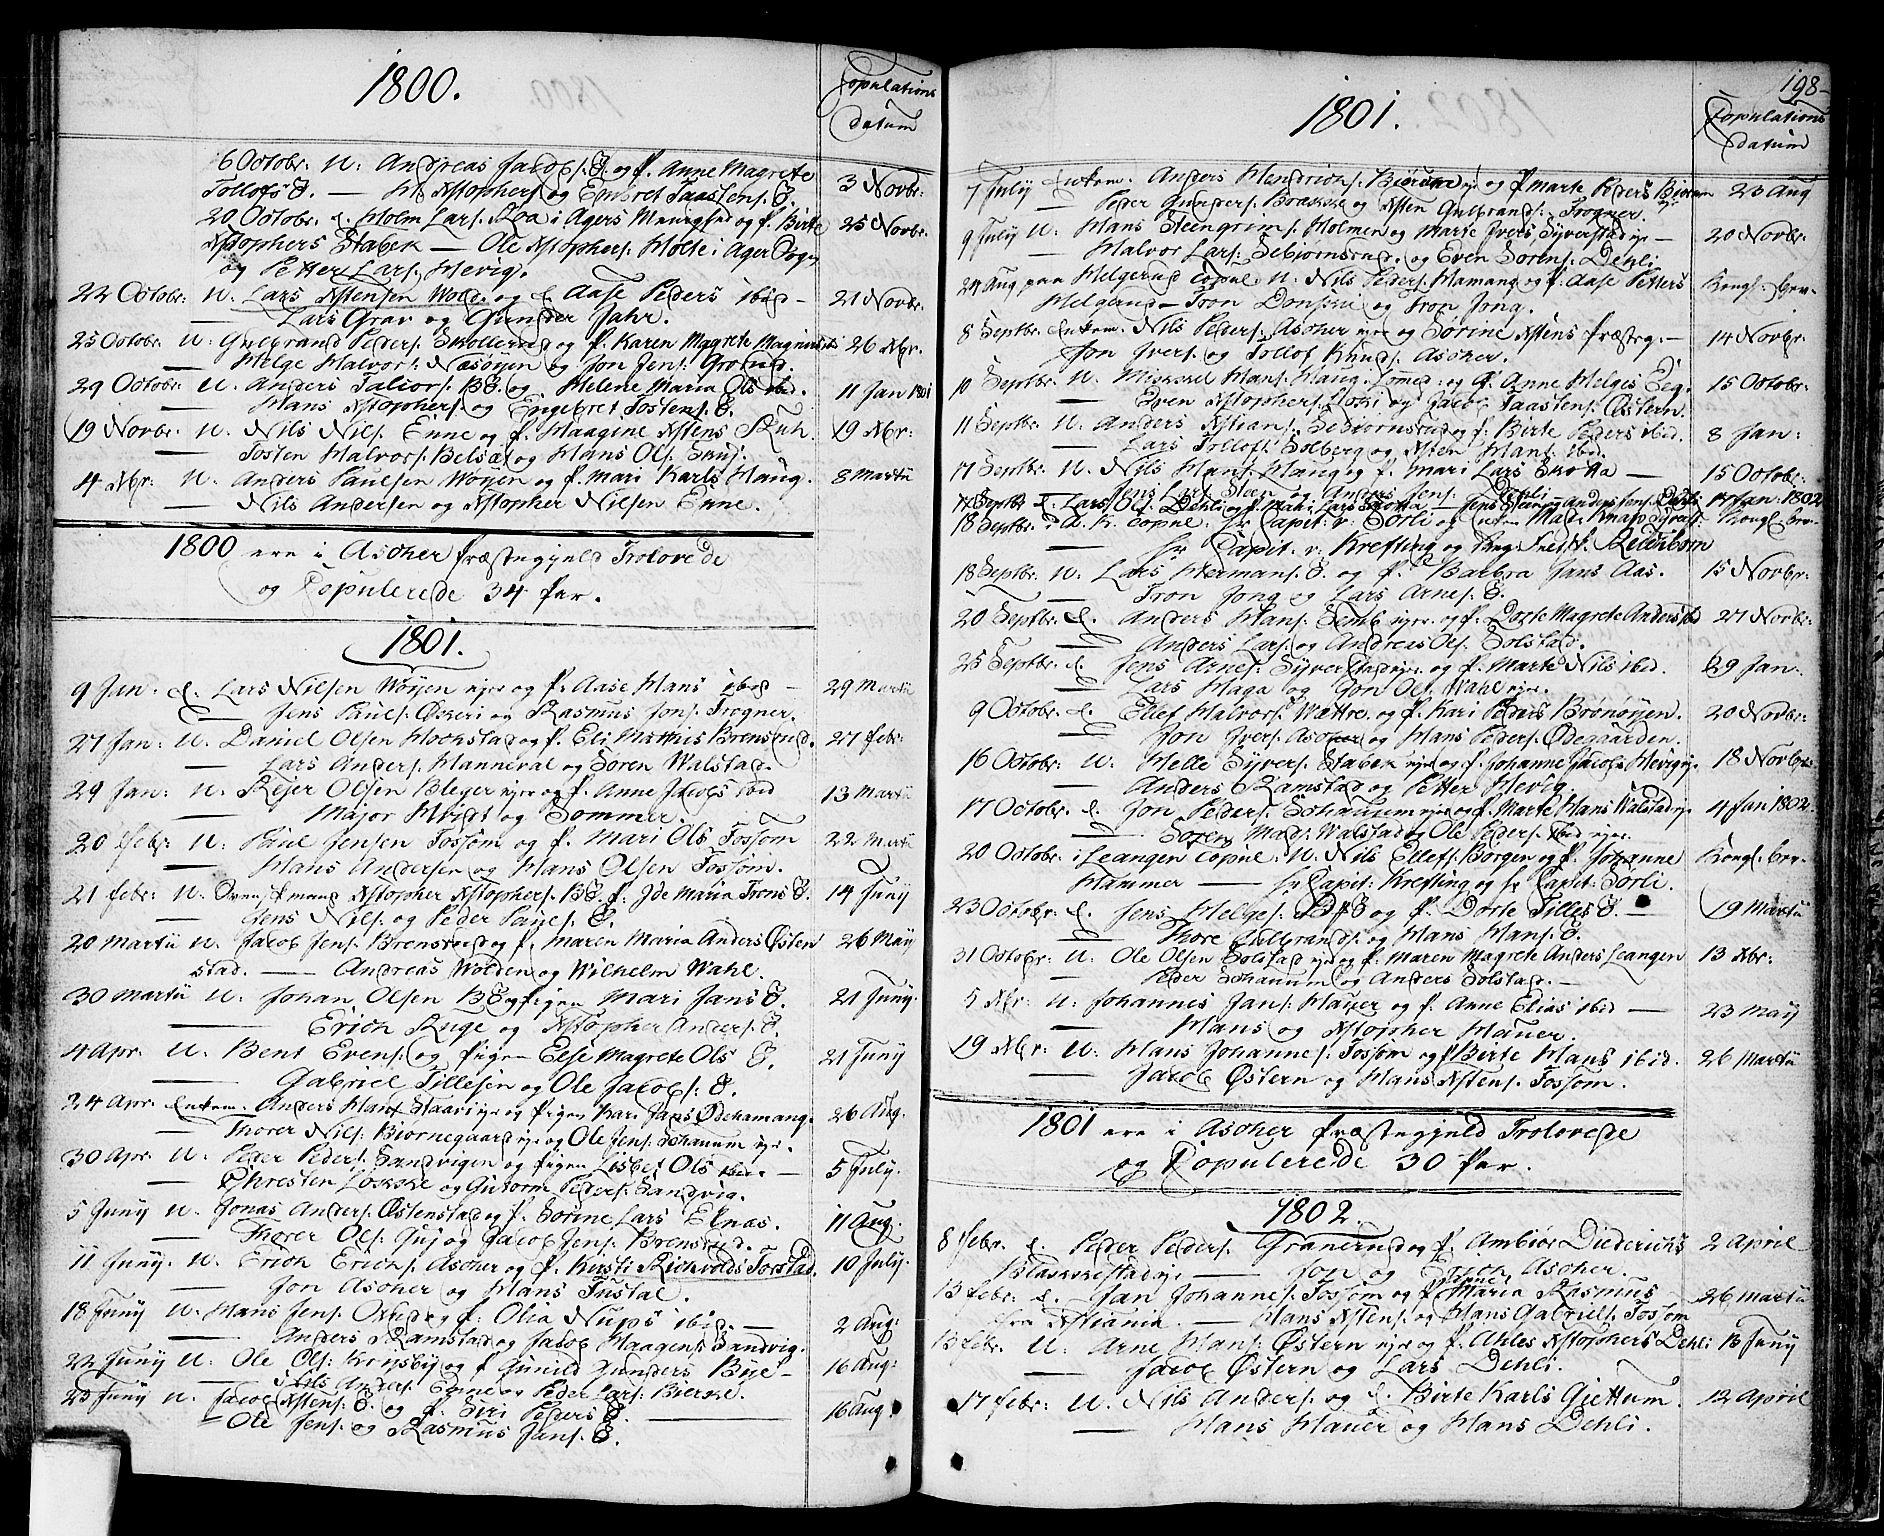 SAO, Asker prestekontor Kirkebøker, F/Fa/L0003: Ministerialbok nr. I 3, 1767-1807, s. 198